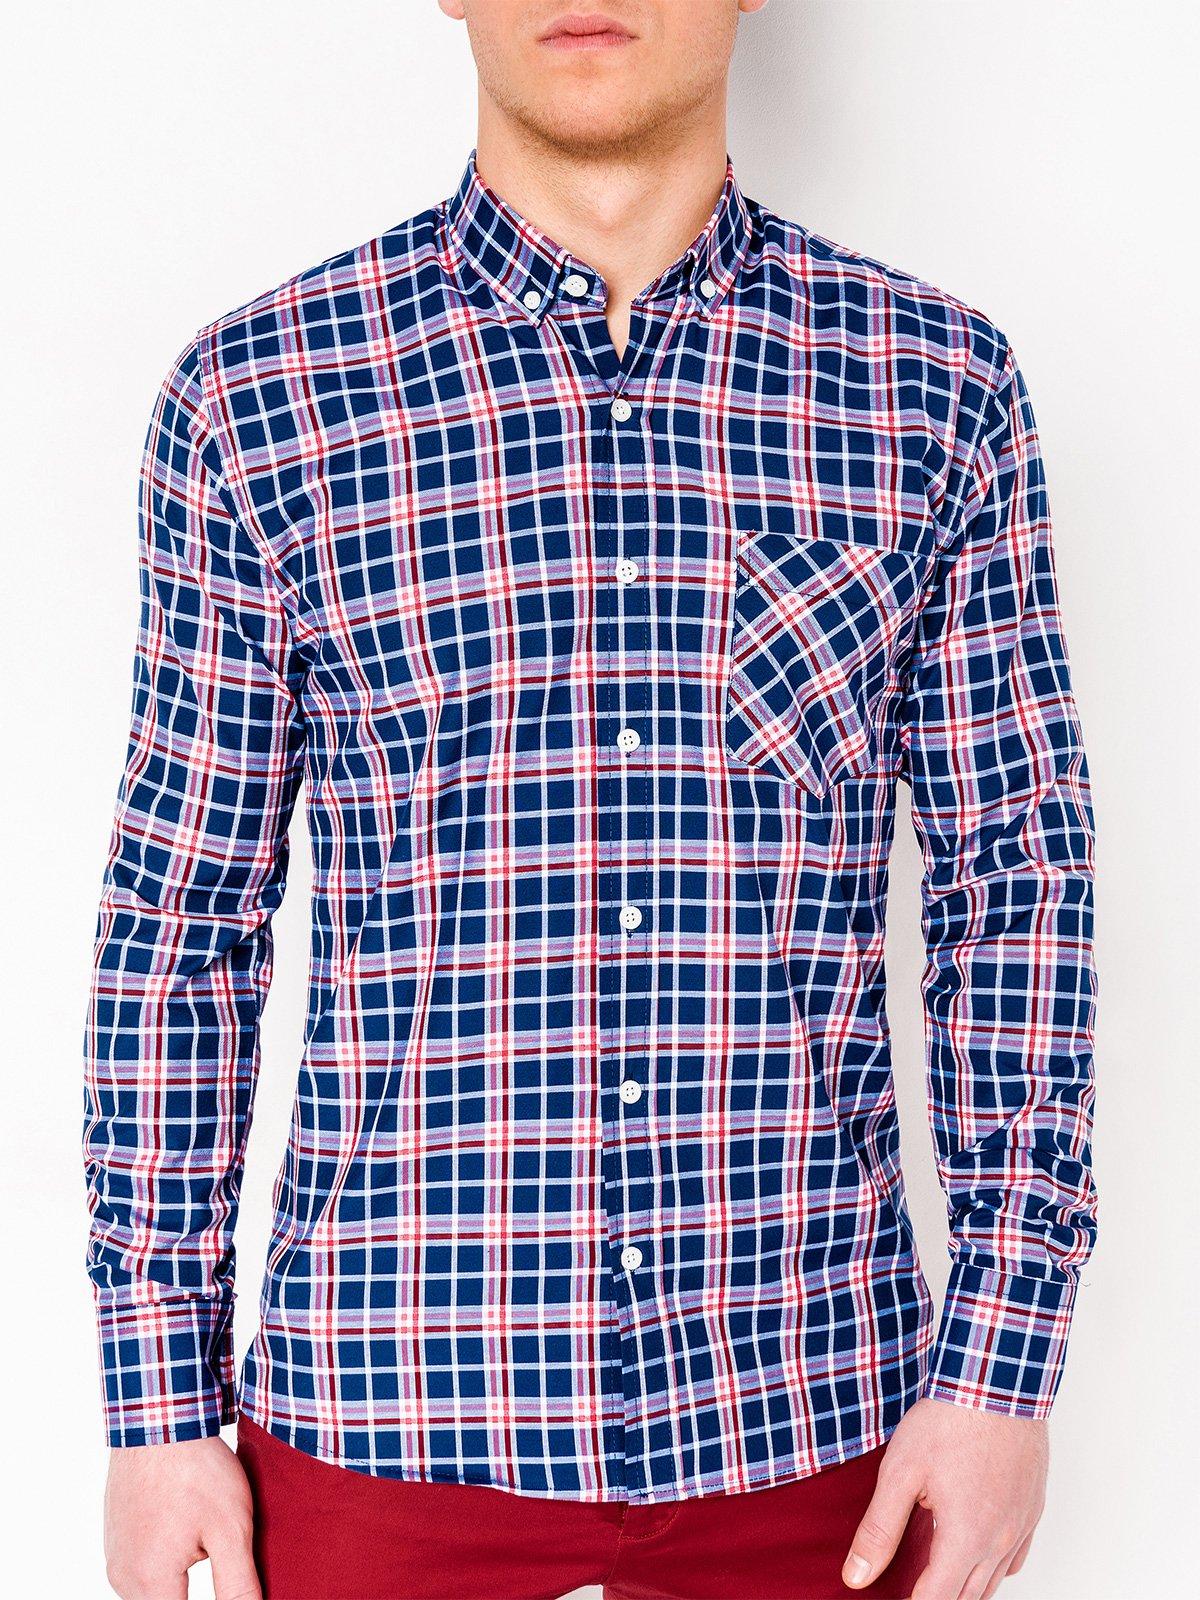 0b3dbaec092 ... Мужская рубашка в клетку с длинным рукавом K396 - темно-синяя красная  ...